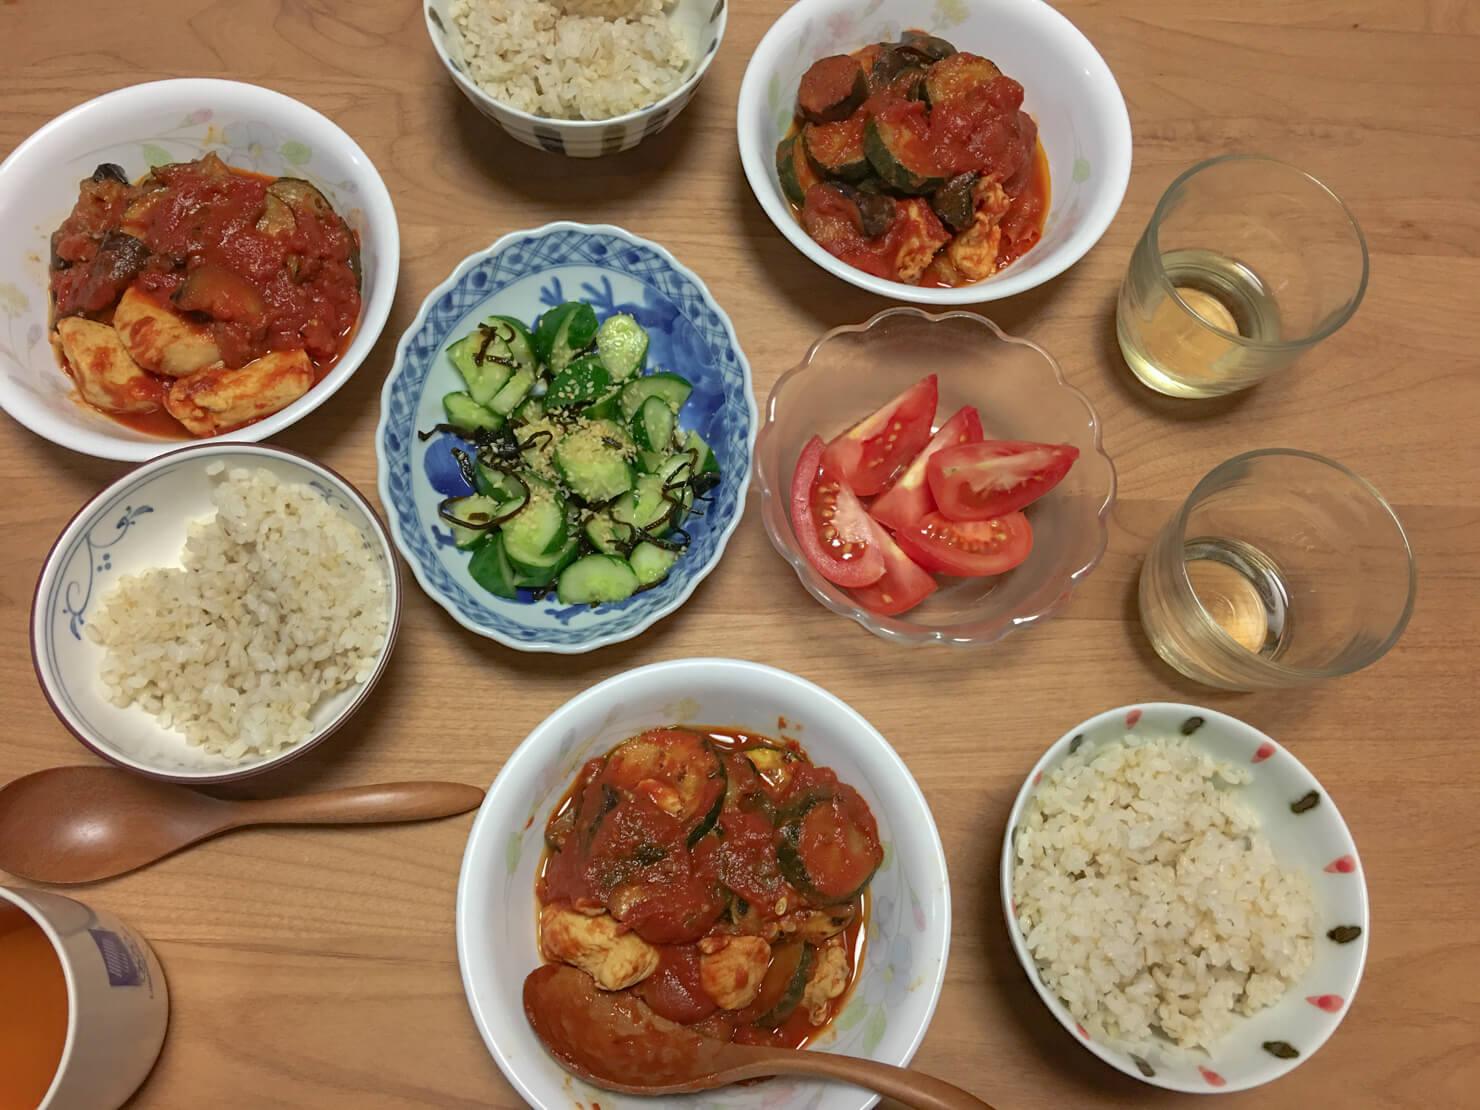 フライパンひとつでできるトマト煮中心の晩御飯の写真